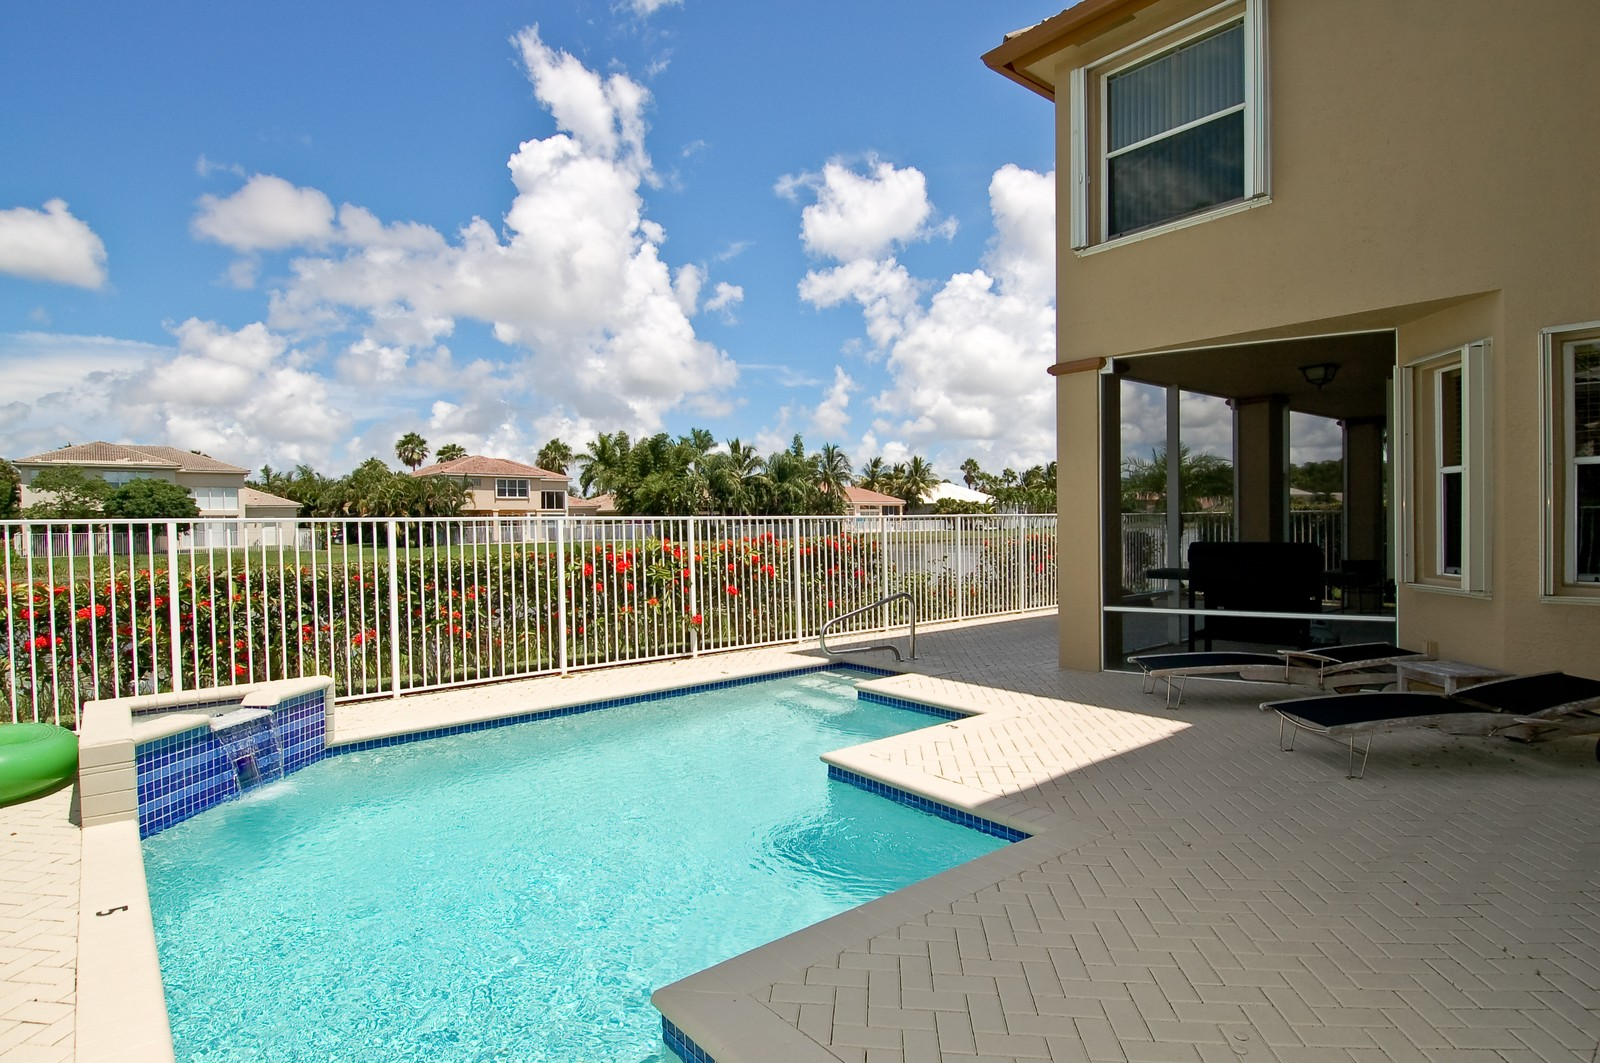 Real Estate Photography - 11308 Sea Grass Cir, Boca Raton, FL, 33498 - Pool